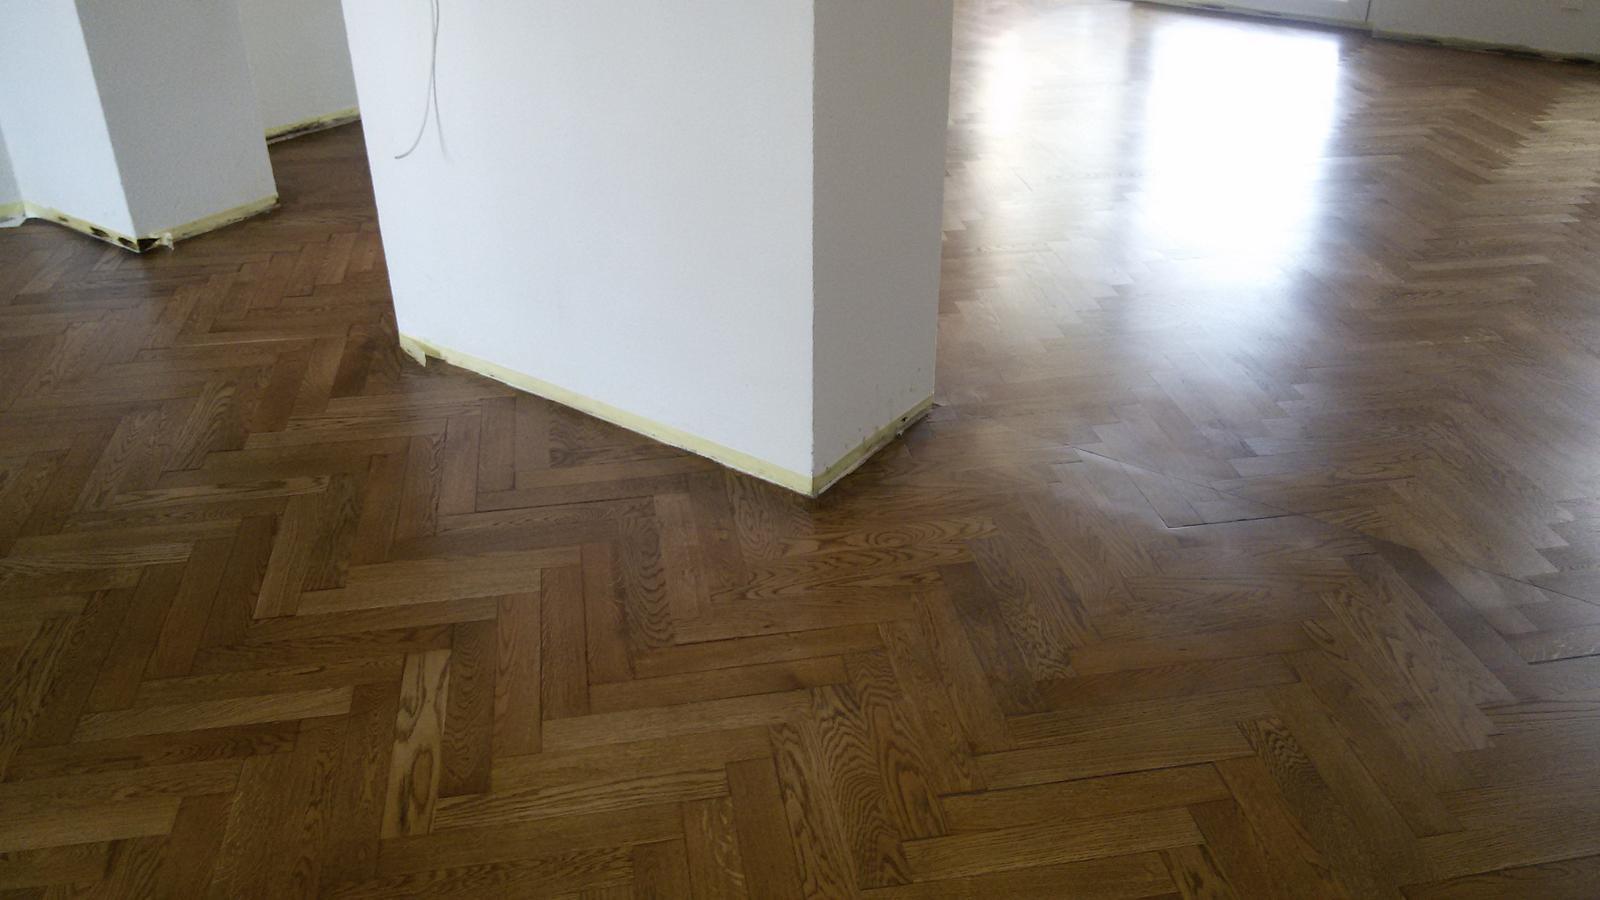 Naša rekonštrukcia - Moja vysnívaná podlaha sa stáva mojou nočnou morou. Práce trvajú neuveriteľne dlho a teraz po namorení sú fľaky najmä okolo stien a pri okrajoch, tak už neviem...